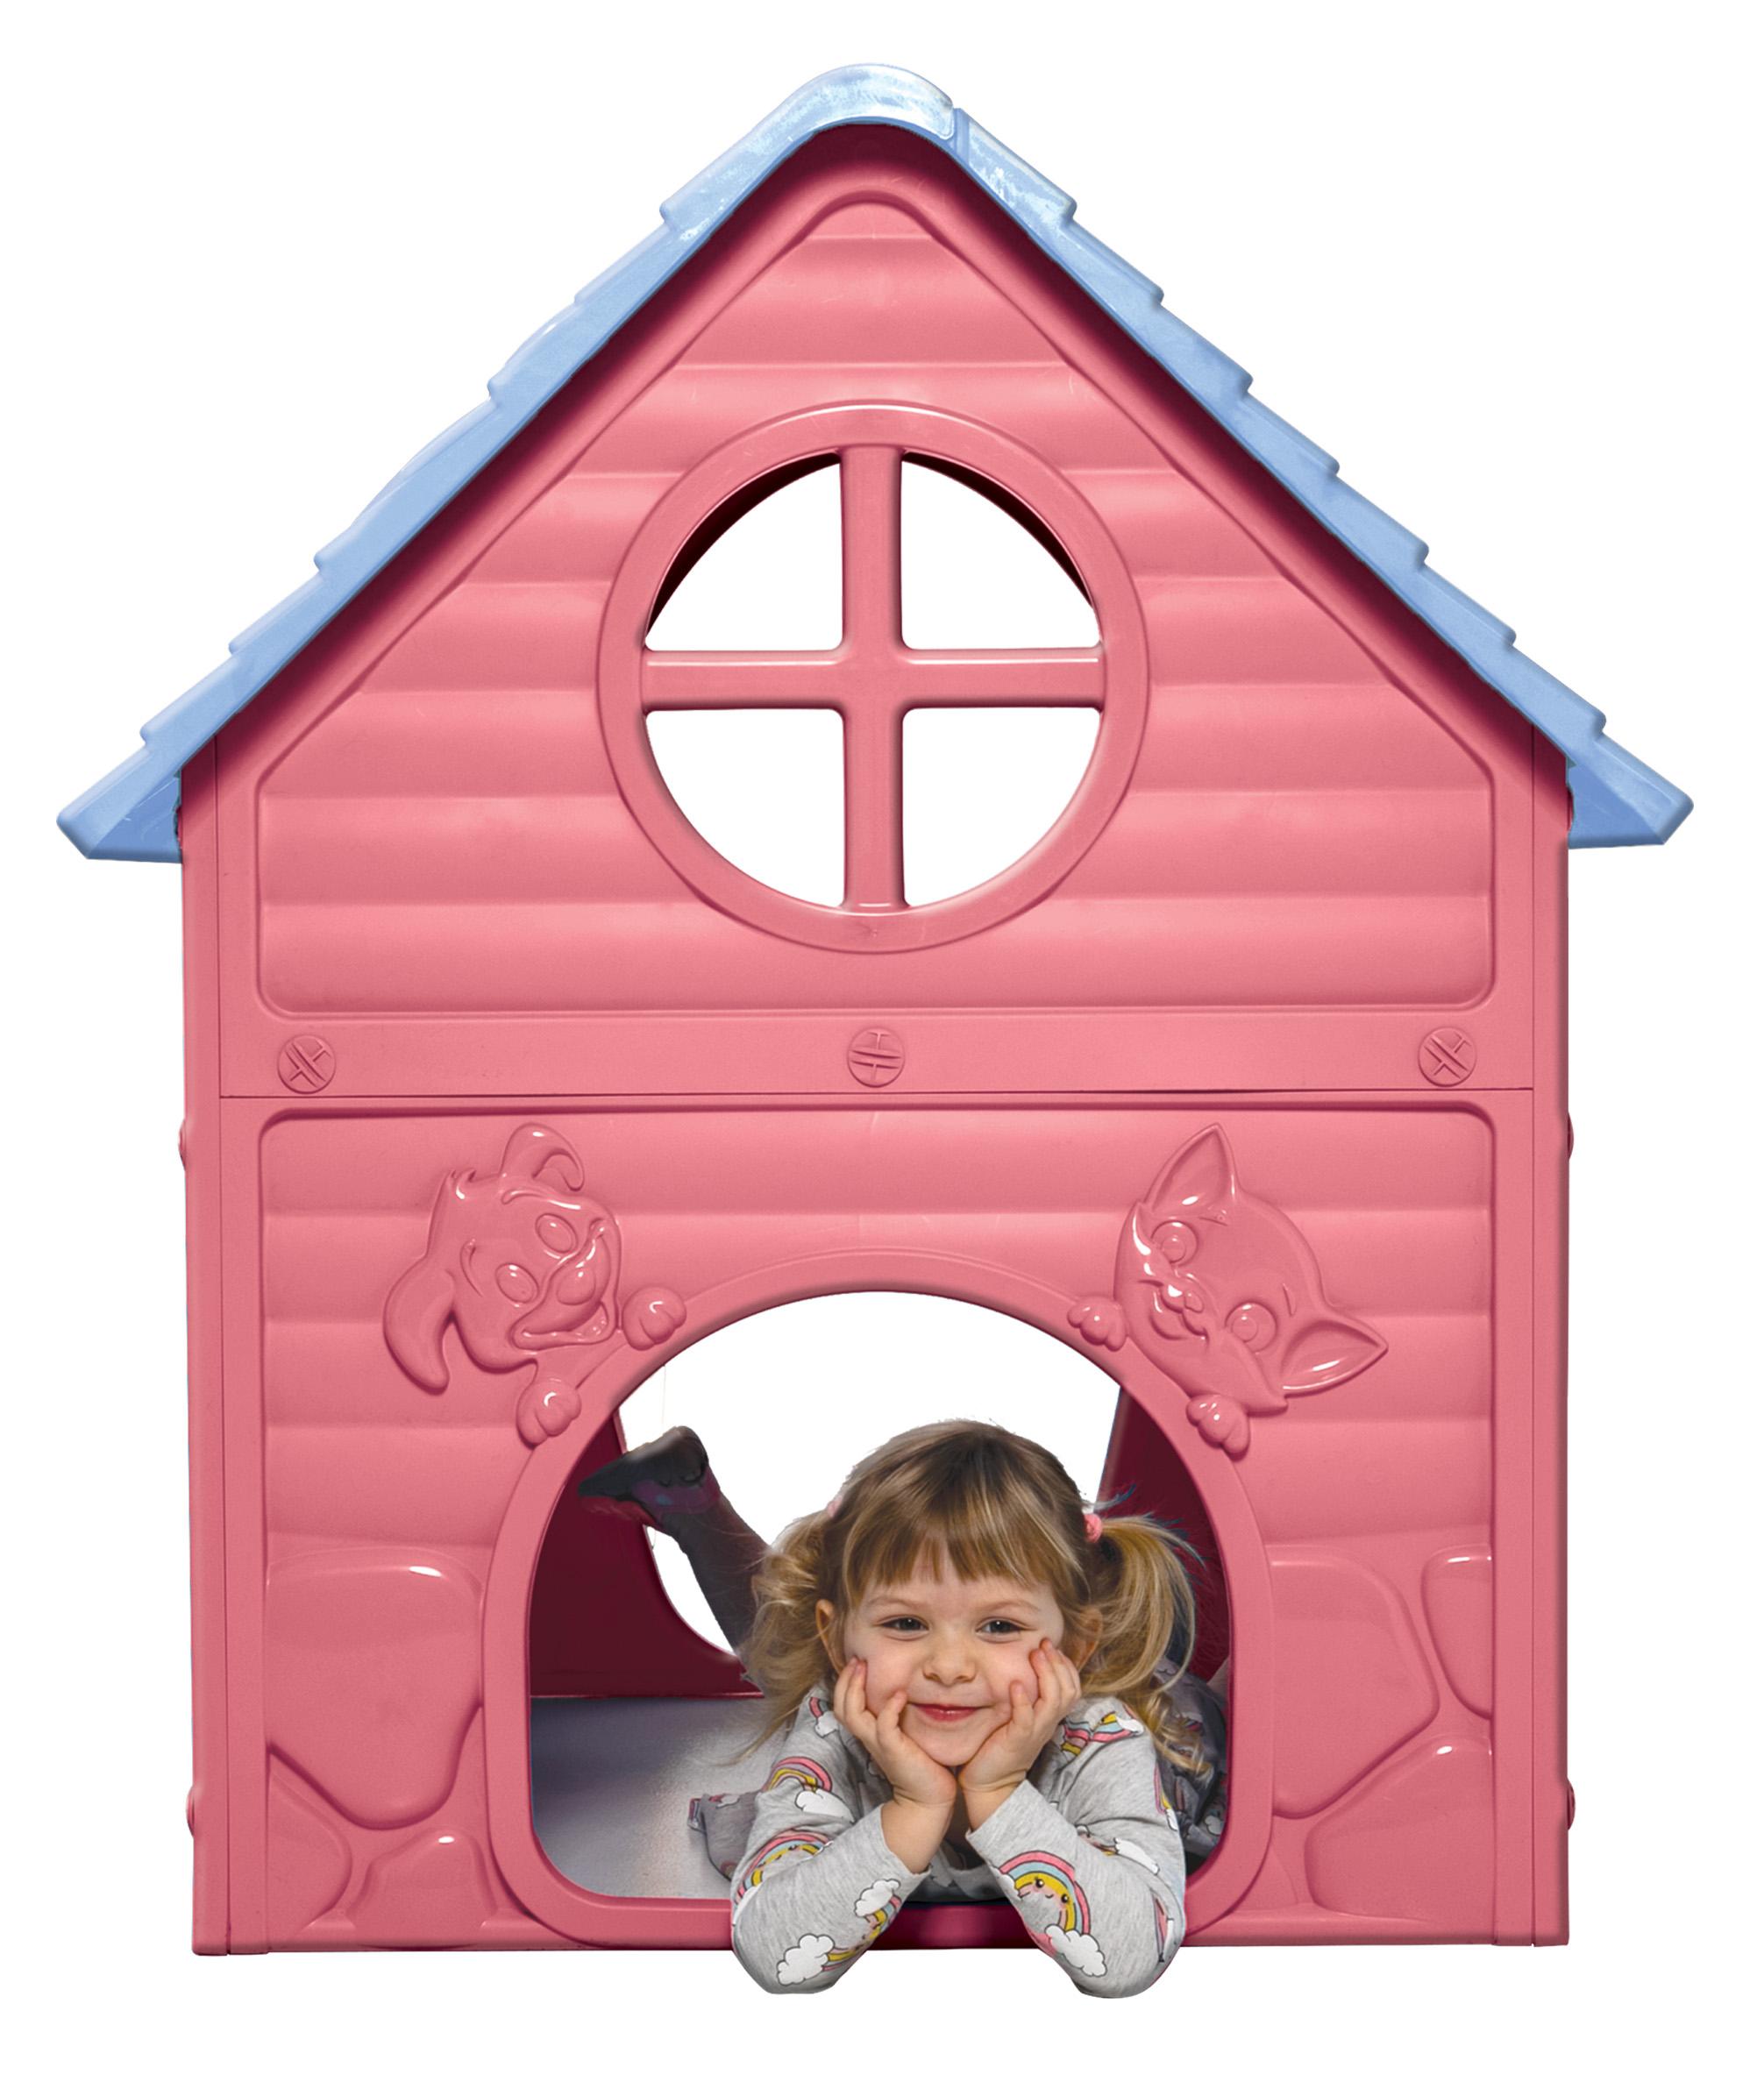 rózsaszín műanyag virágos játékház szemből és kislány